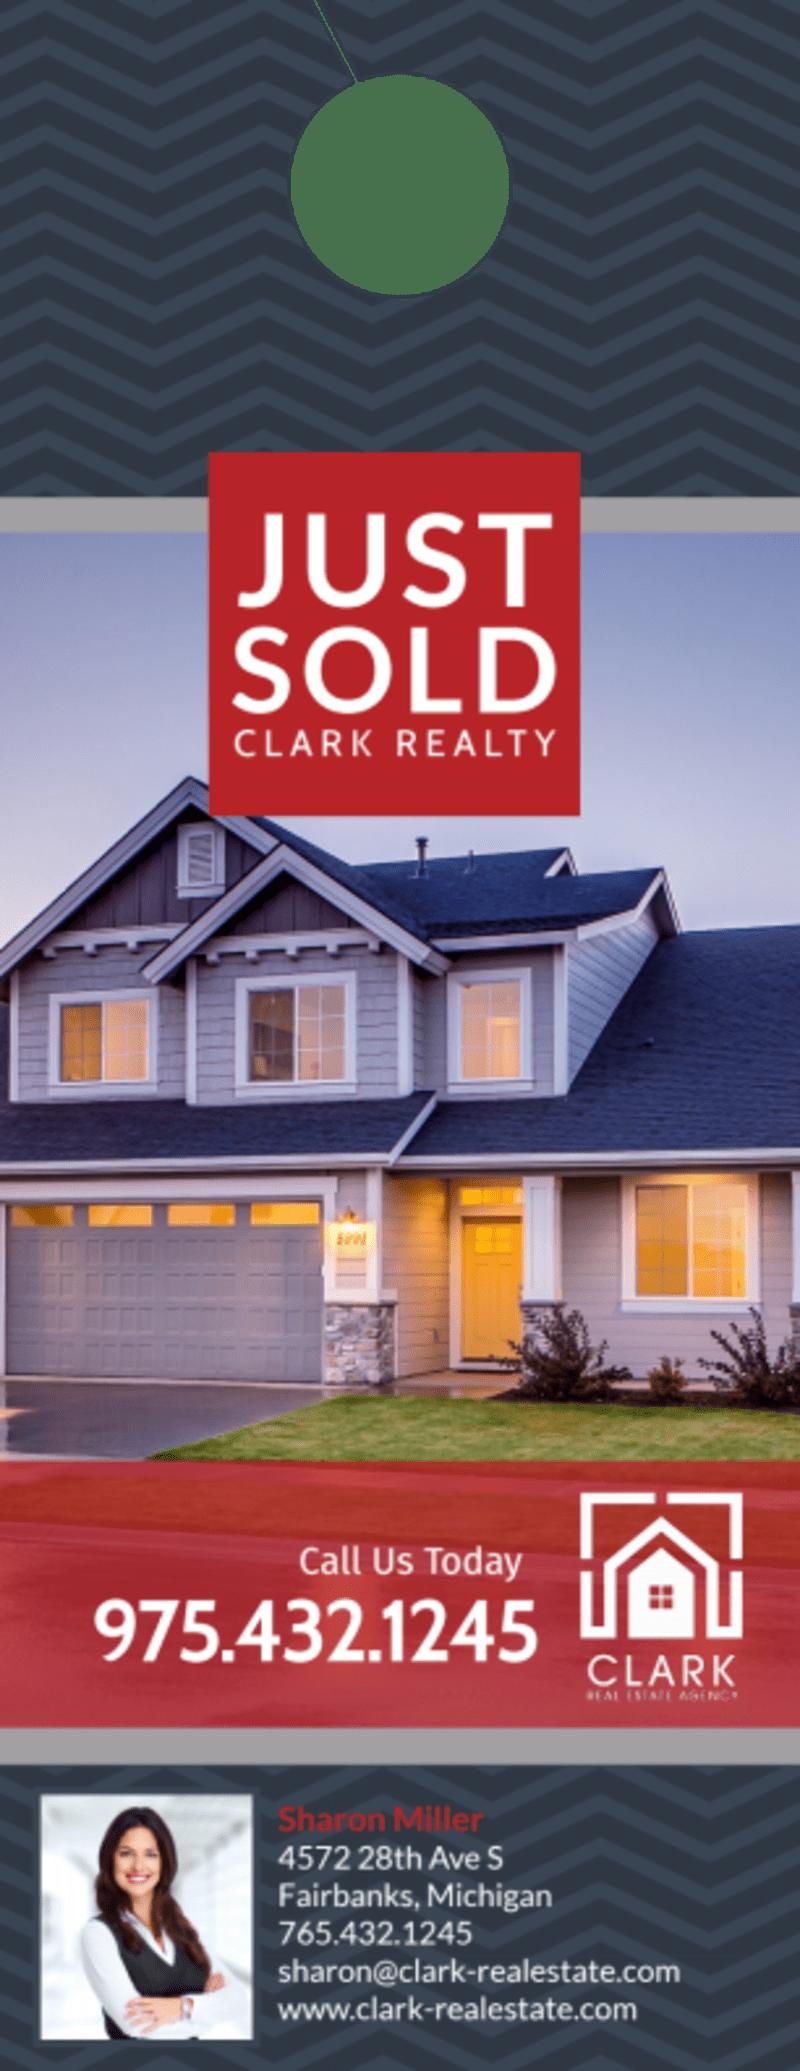 Real Estate Just Sold Door Hanger Template Preview 2